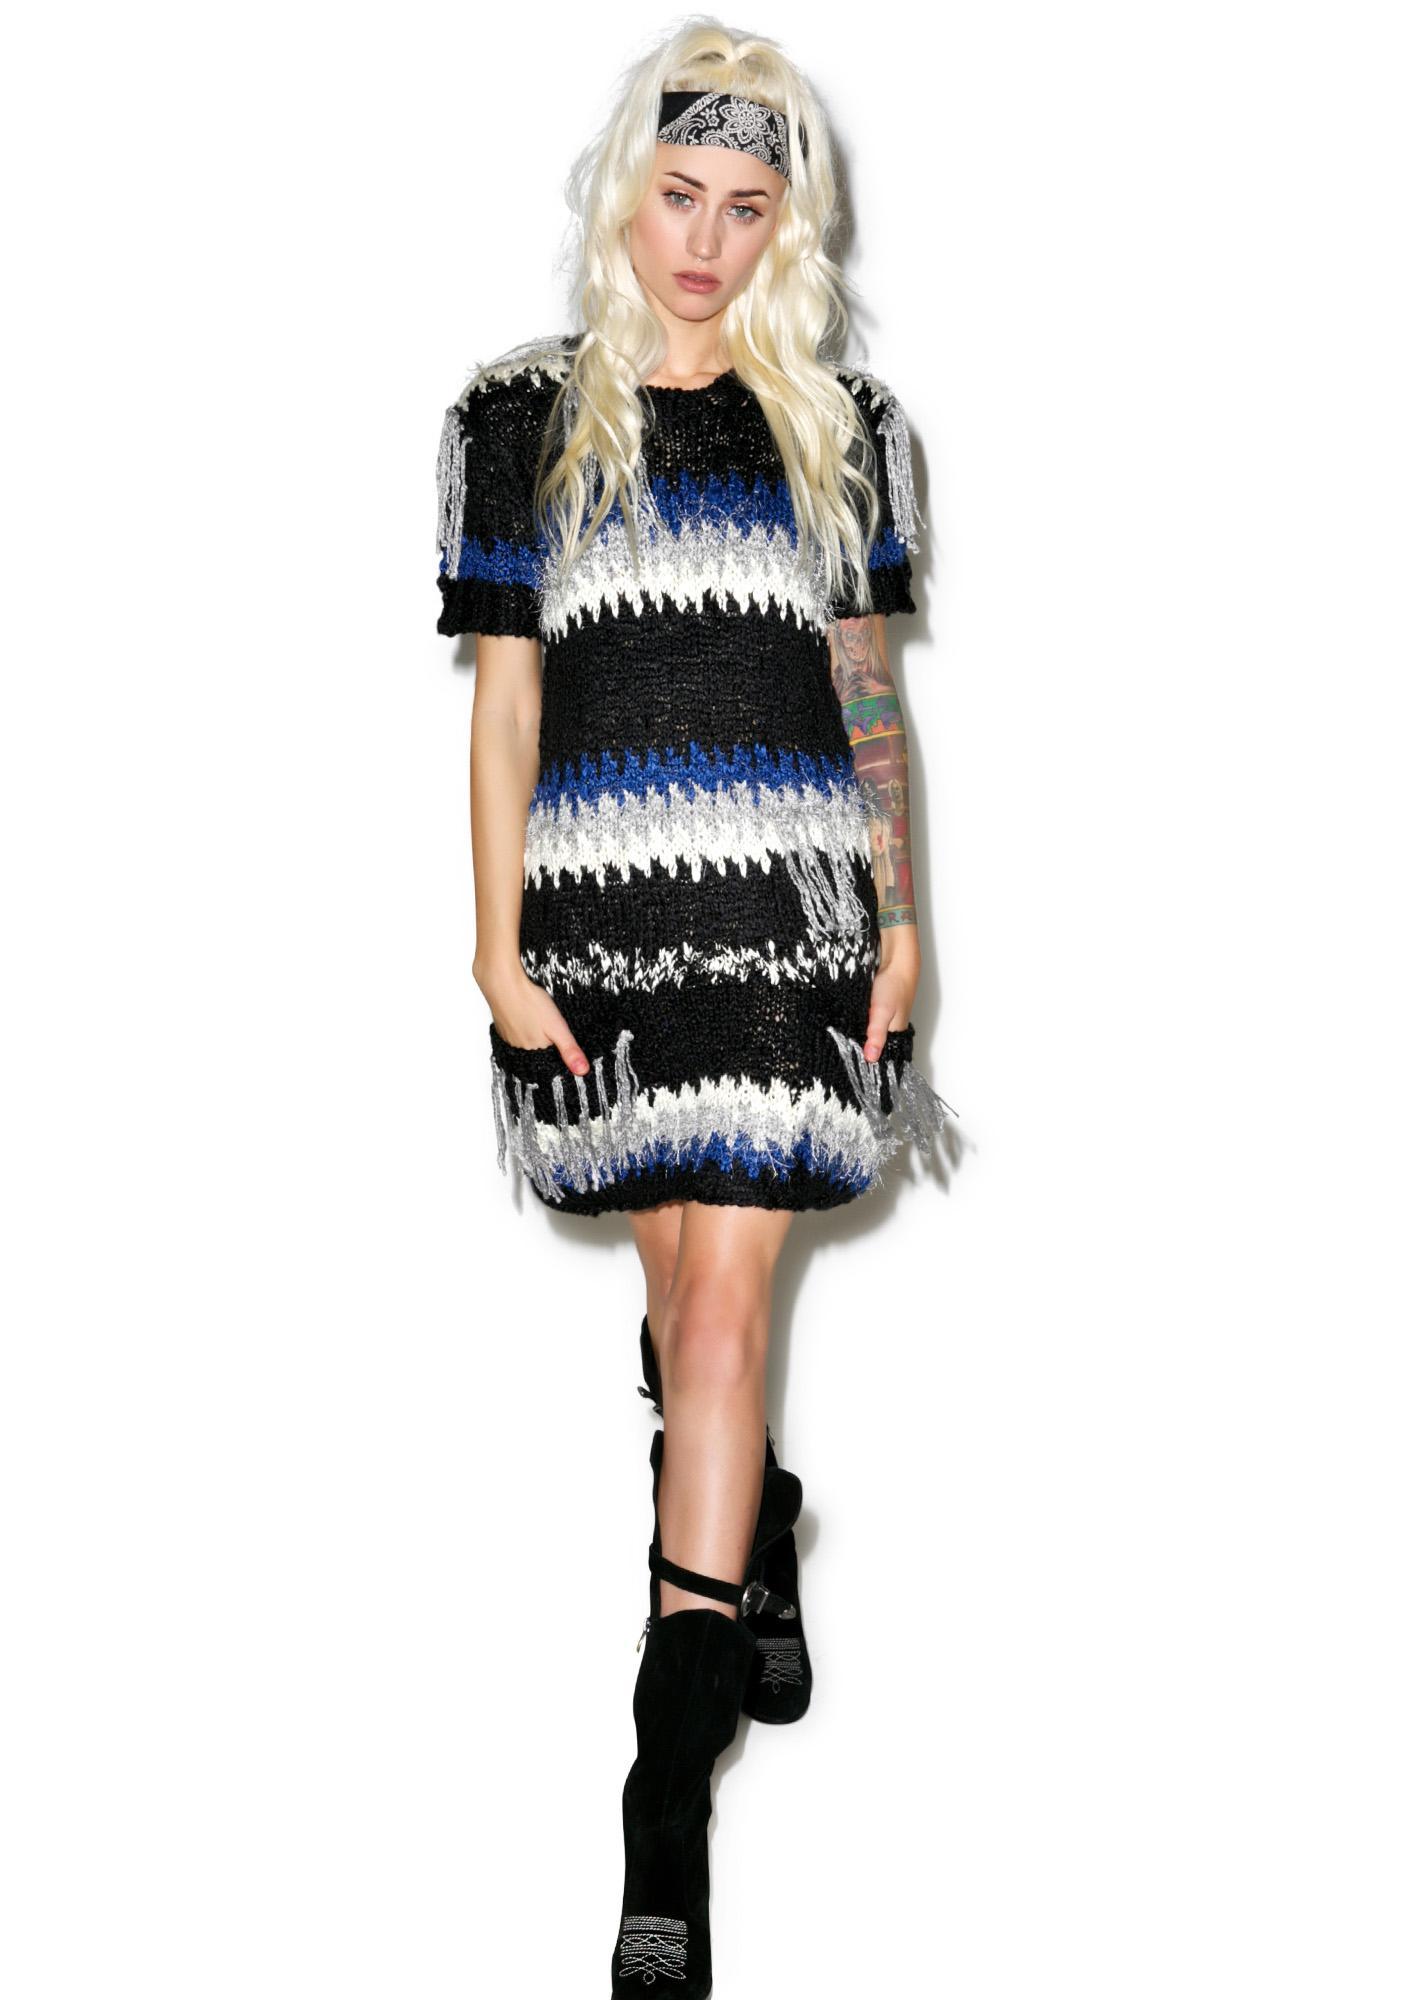 For Love & Lemons Black 'N Blue Crosby Fringe Dress